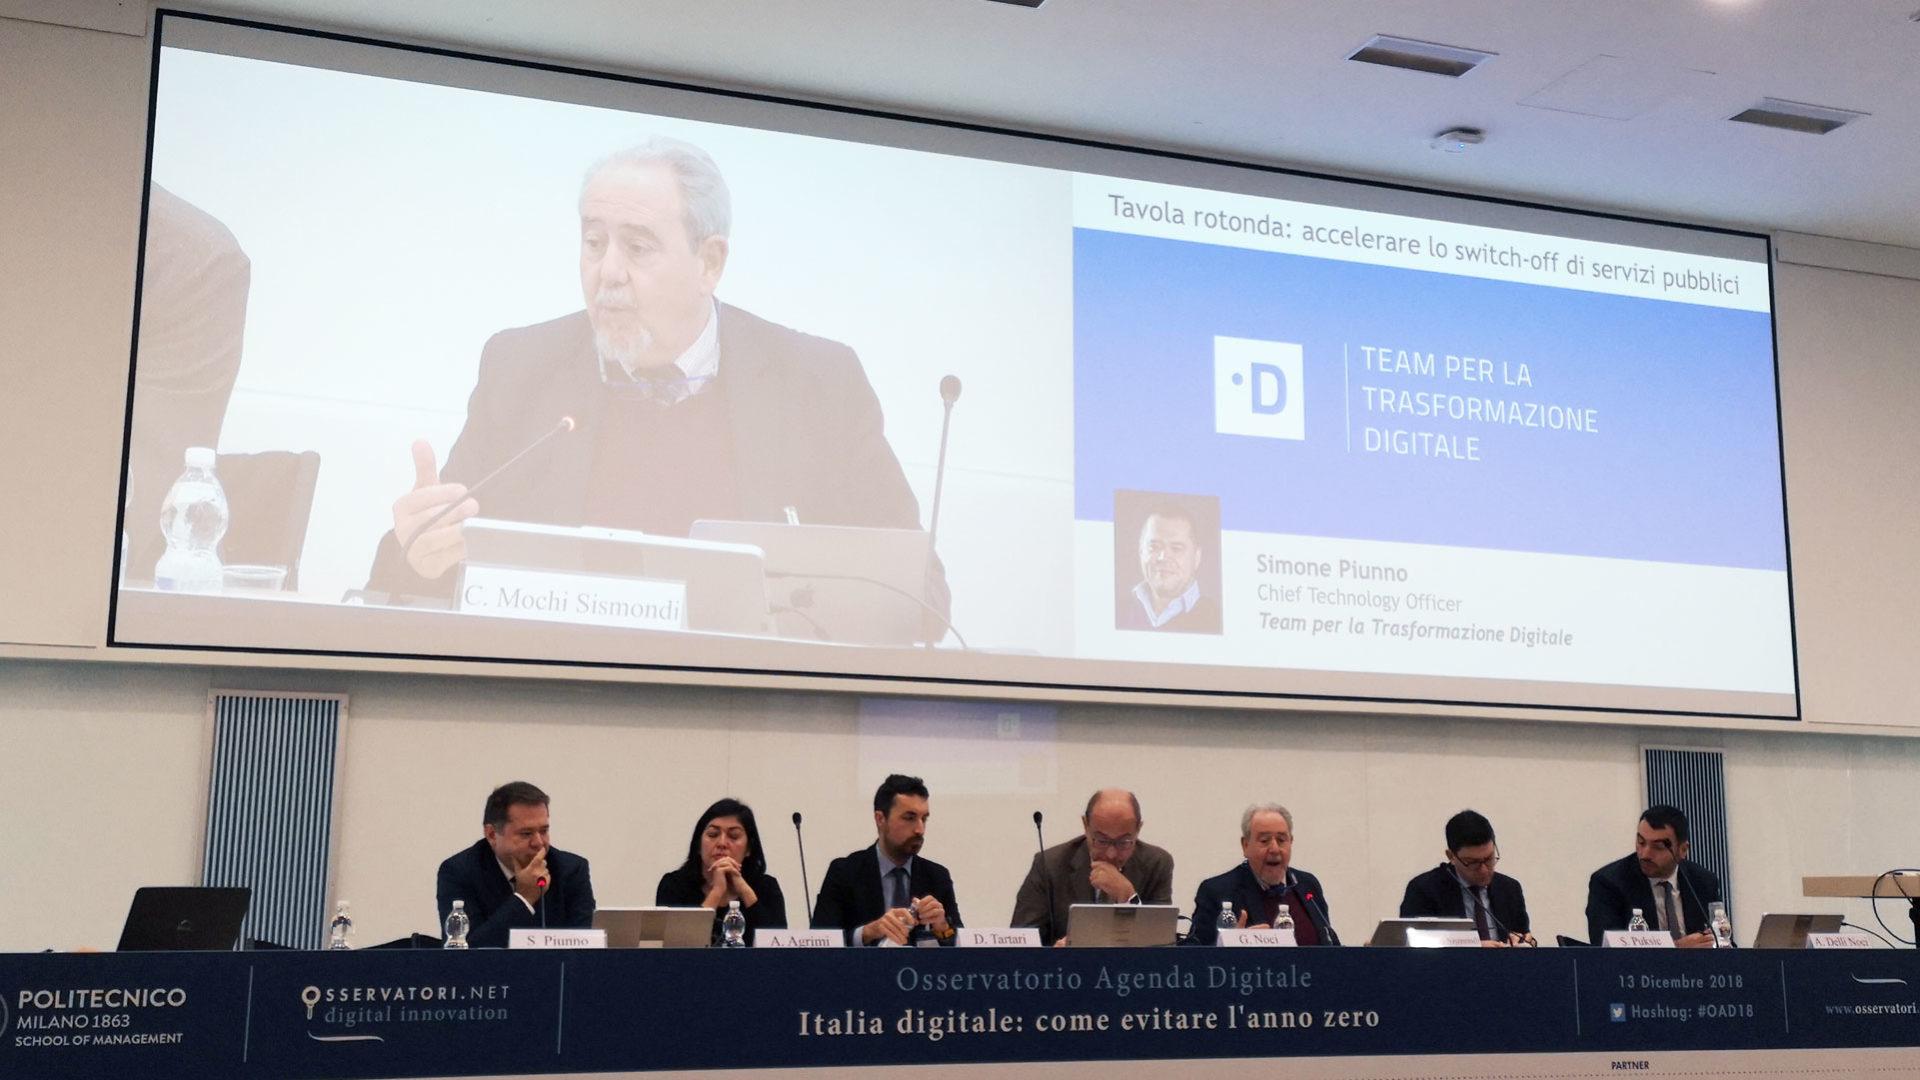 da sinistra nella foto: Simone Piunno, Adriana Agrimi, Dimitri Tartari, Giuliano Noci, Carlo Mochi Sismondi, Simone Puksid, Alessandro Delli Noci